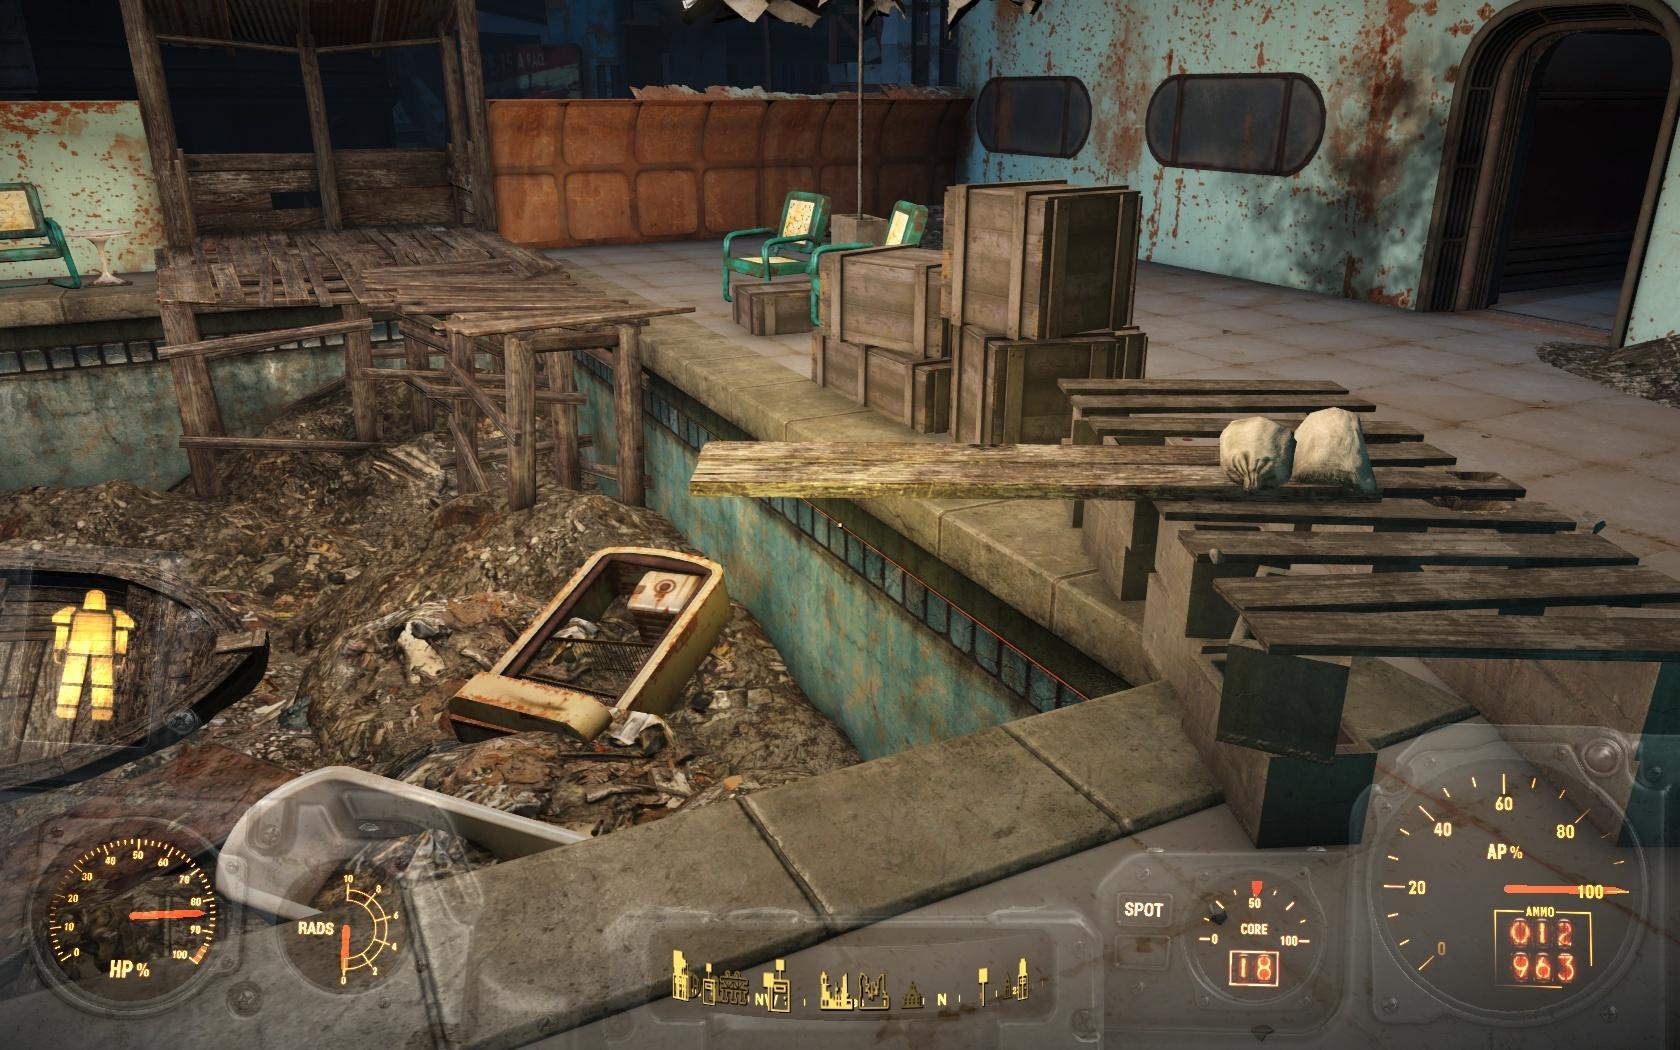 Трамплин для прыжков в мусорный бассейн (Отель Харбормастер) - Fallout 4 Отель, Харбормастер